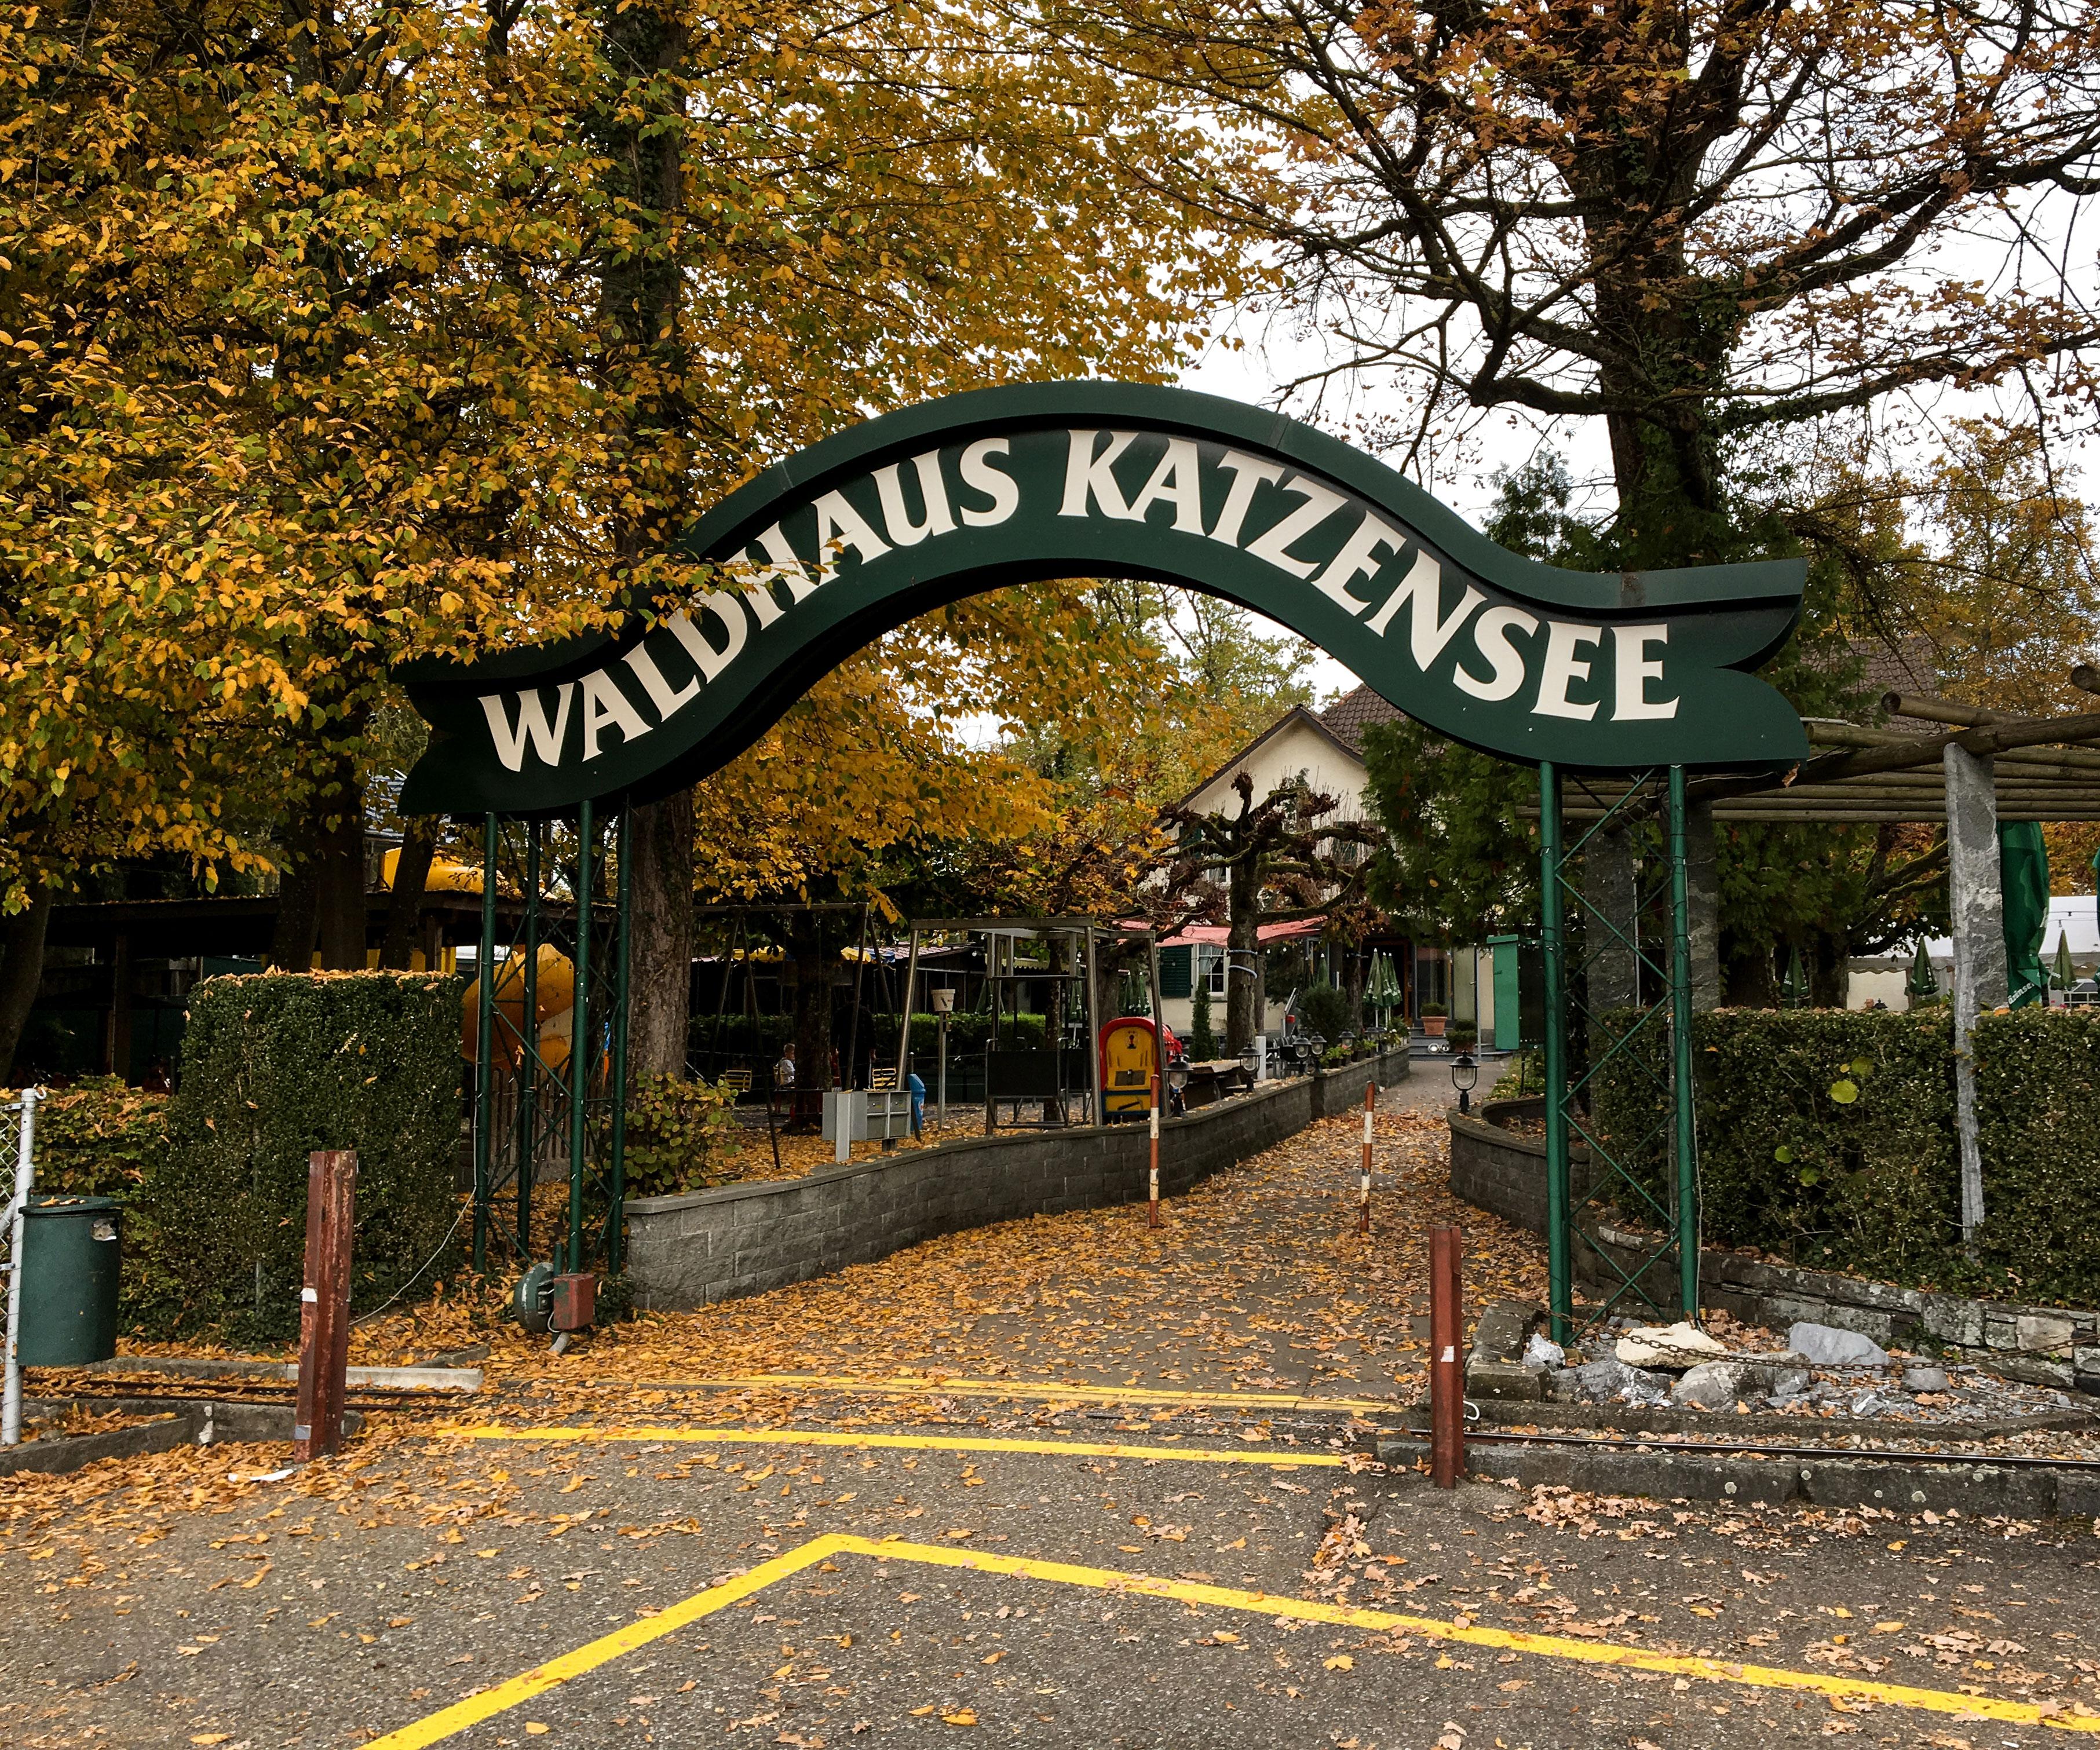 Restaurant Waldhaus In Ofterschwang: Familien-Ausflugsrestaurant Waldhaus Katzensee In Zürich